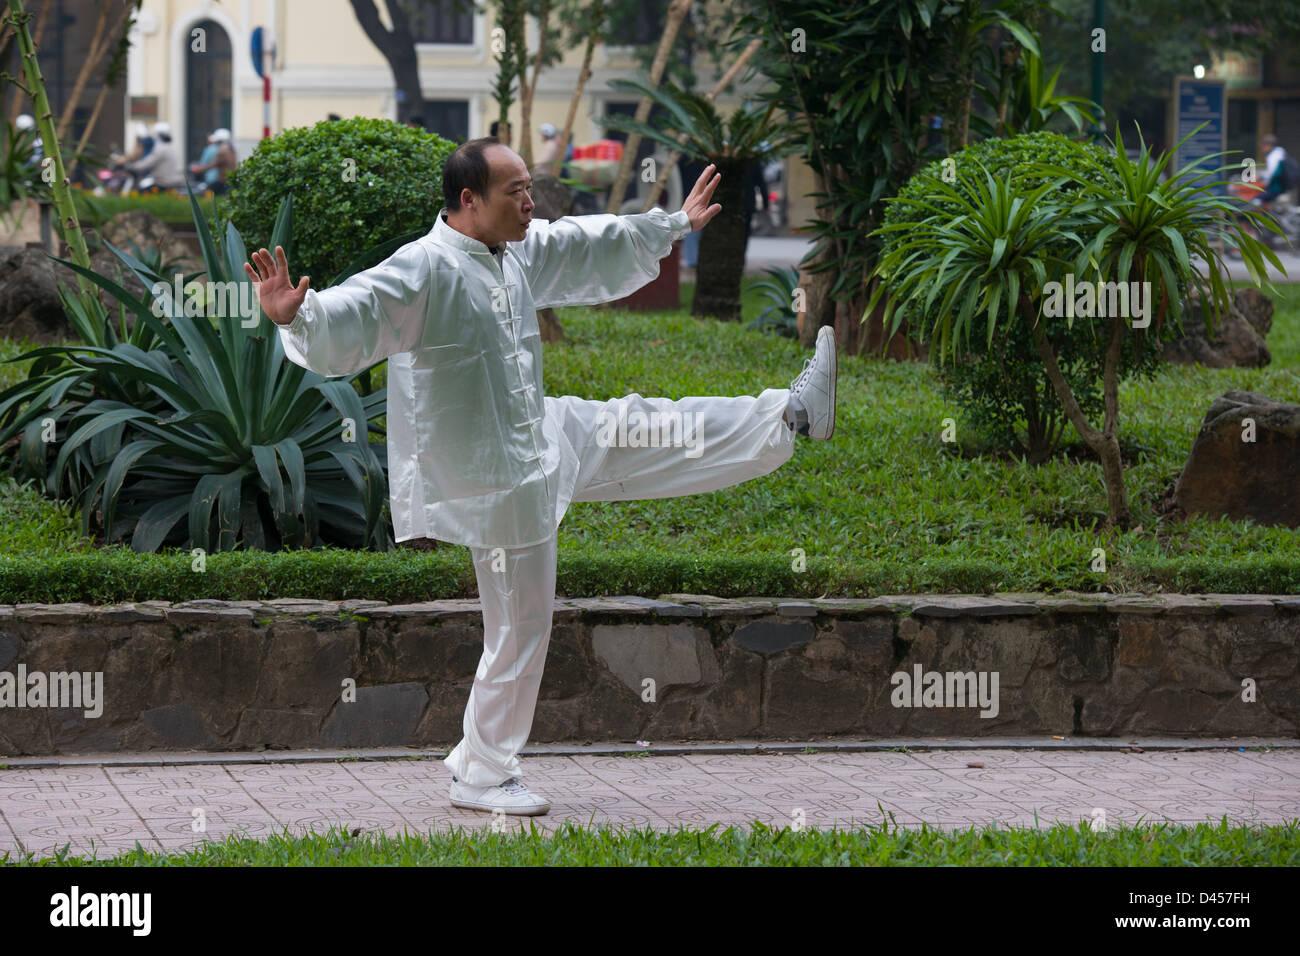 Vietnamesische Mann Durchführung von Tai Chi in weiß gekleidet, von Hoan-Kiem-See, Hanoi, Vietnam Stockbild